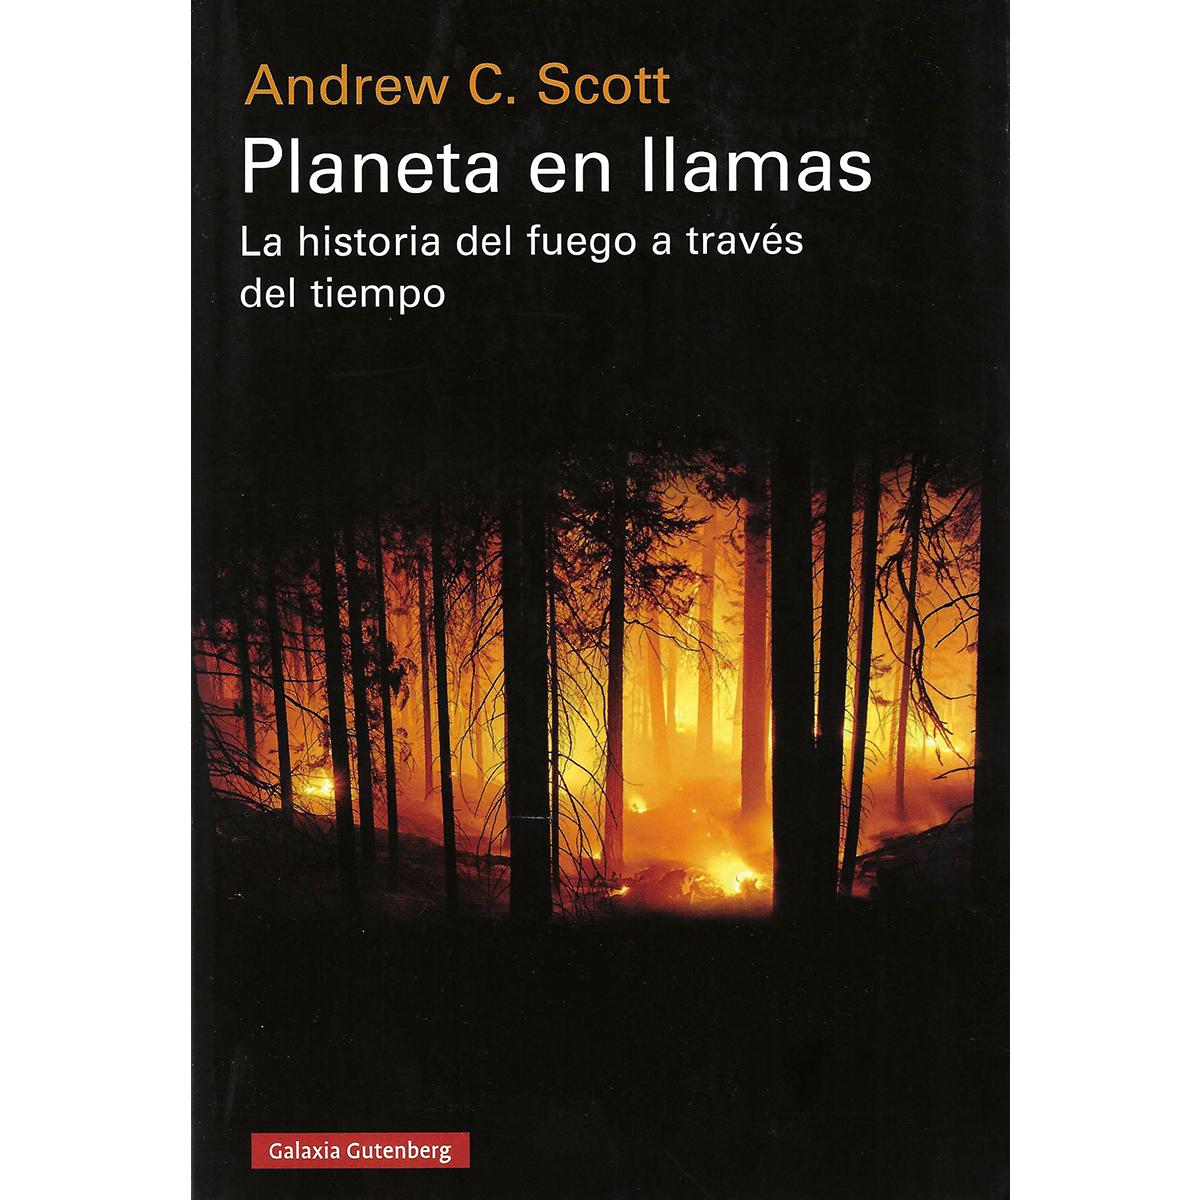 Planeta en llamas